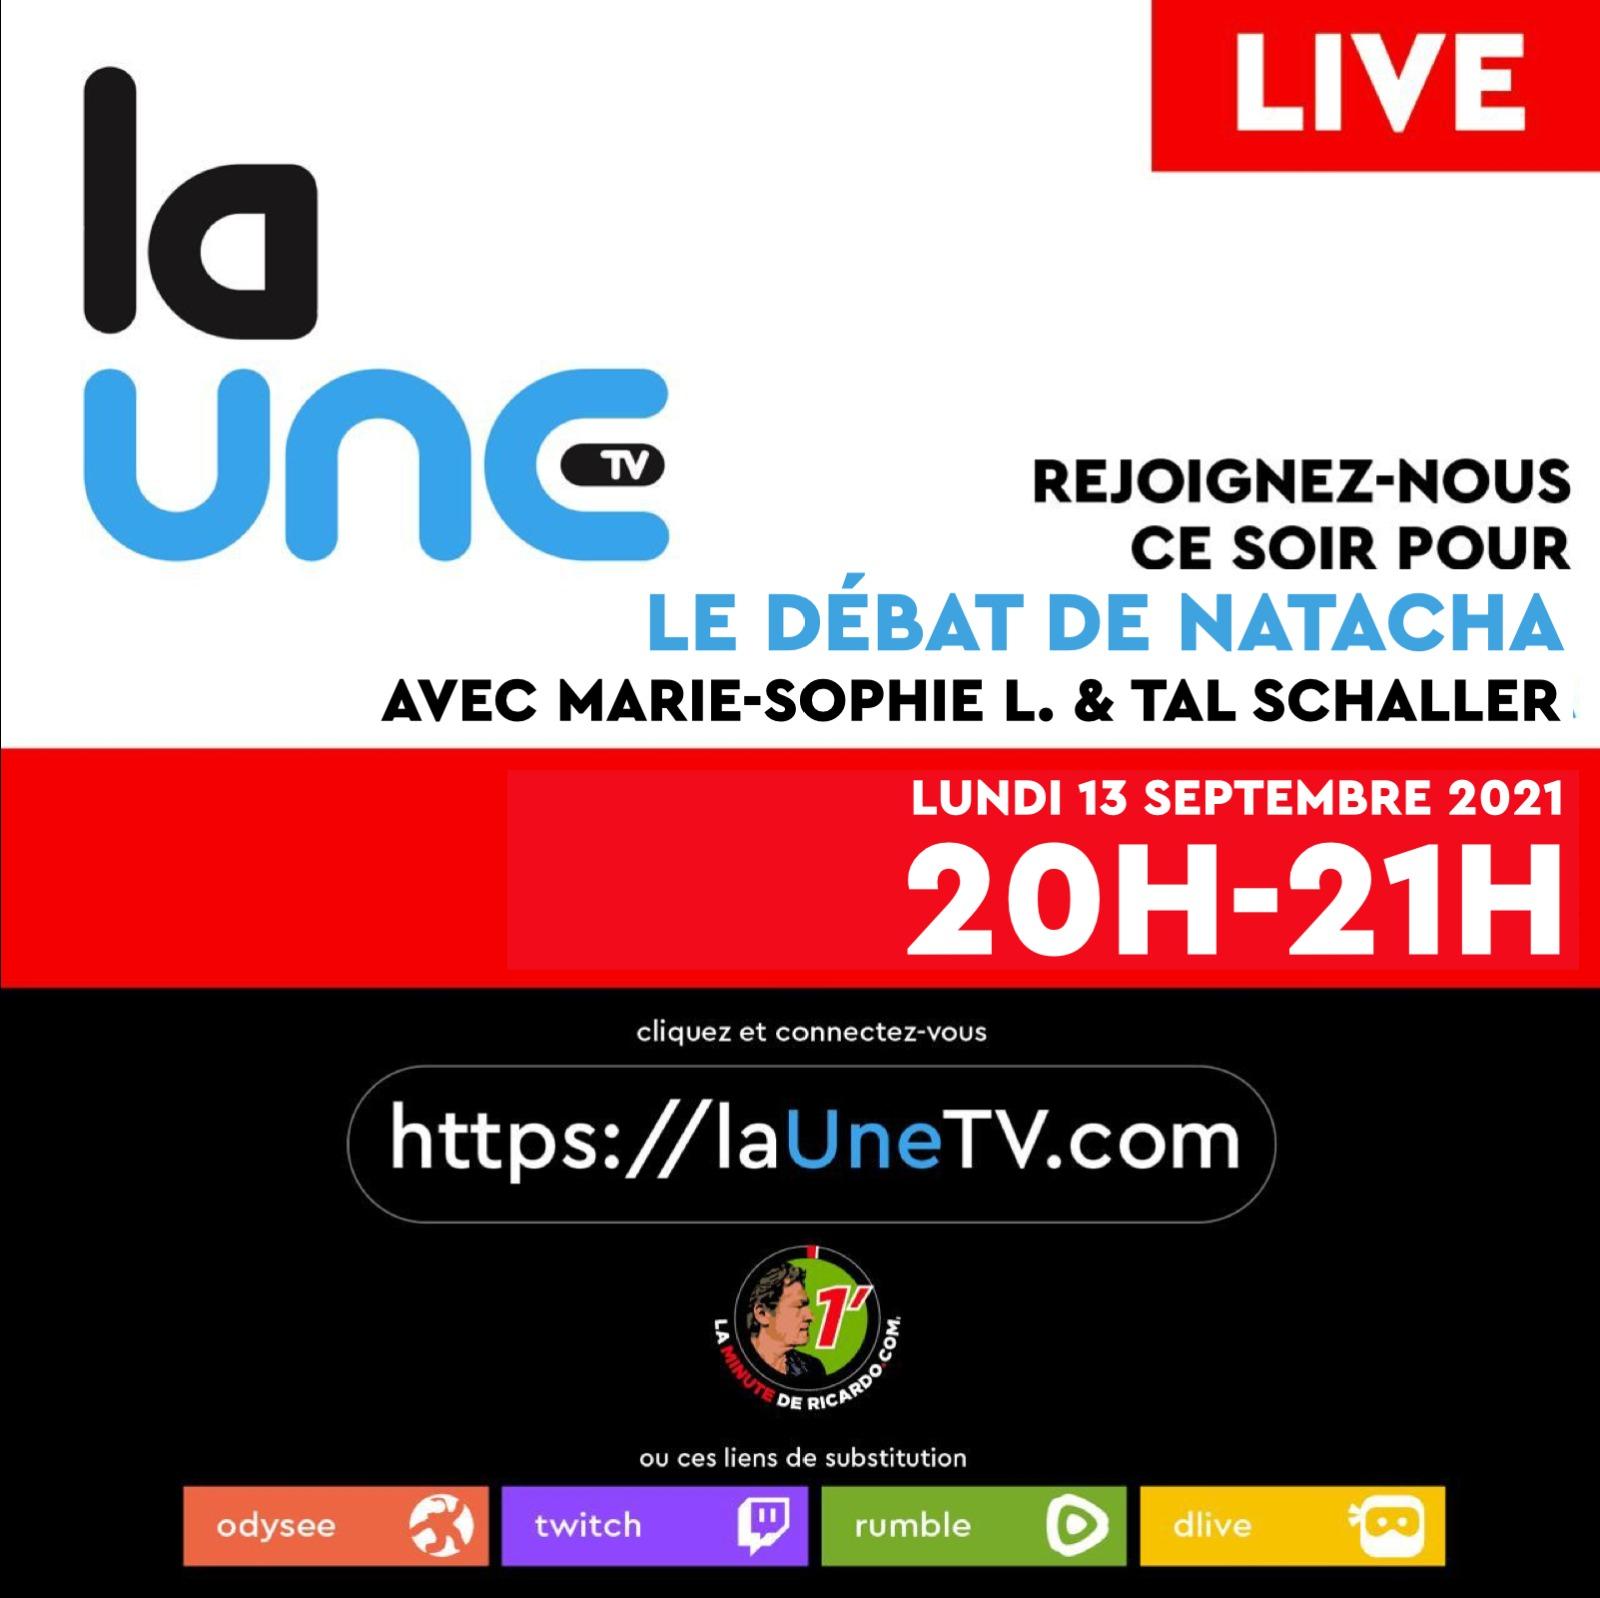 Rejoignez-nous ce soir de 20H à 21H pour le débat de Natacha